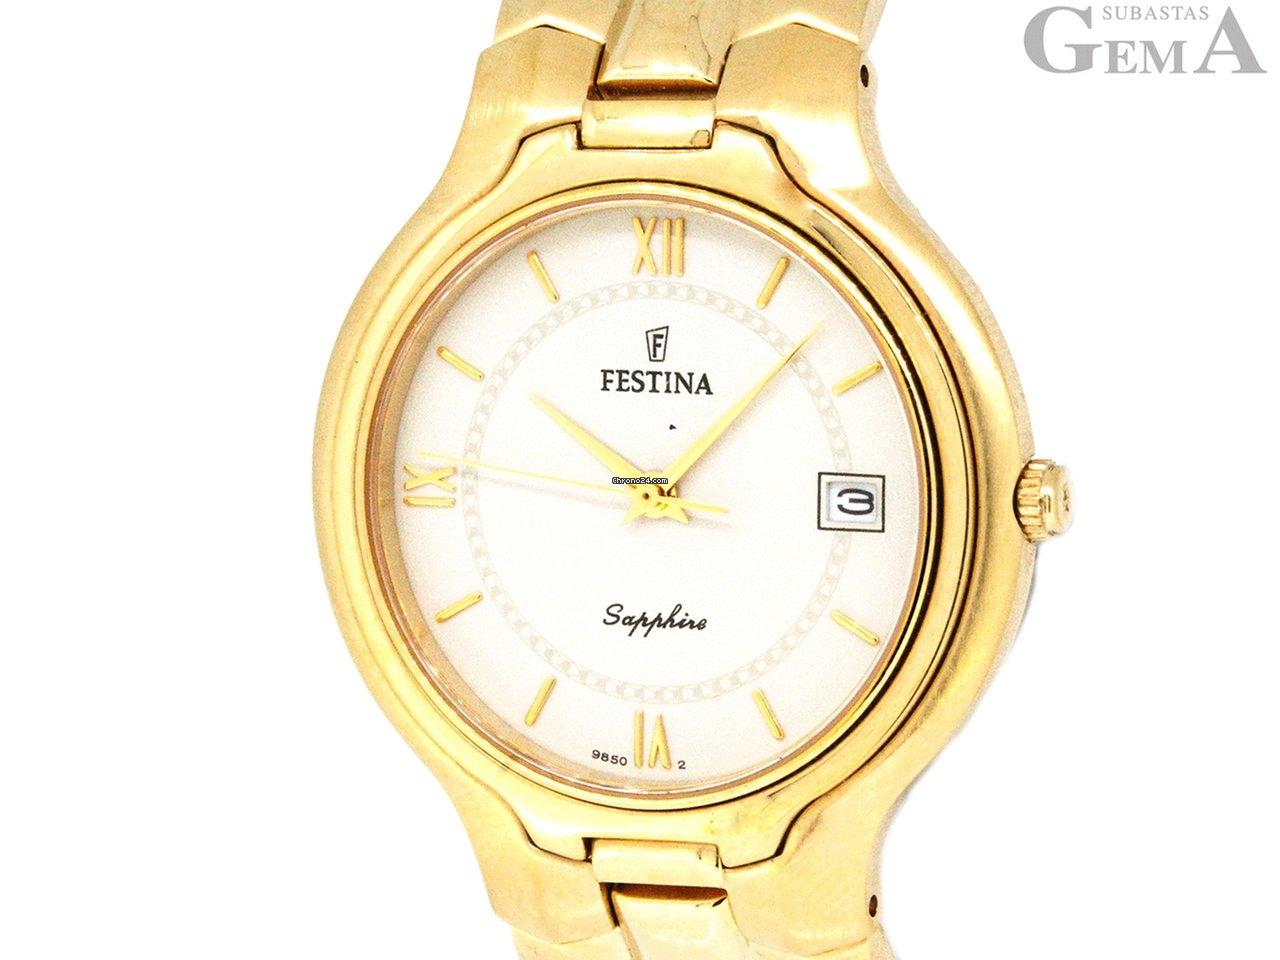 8b2a27a7b3c7 Relojes Festina - Precios de todos los relojes Festina en Chrono24